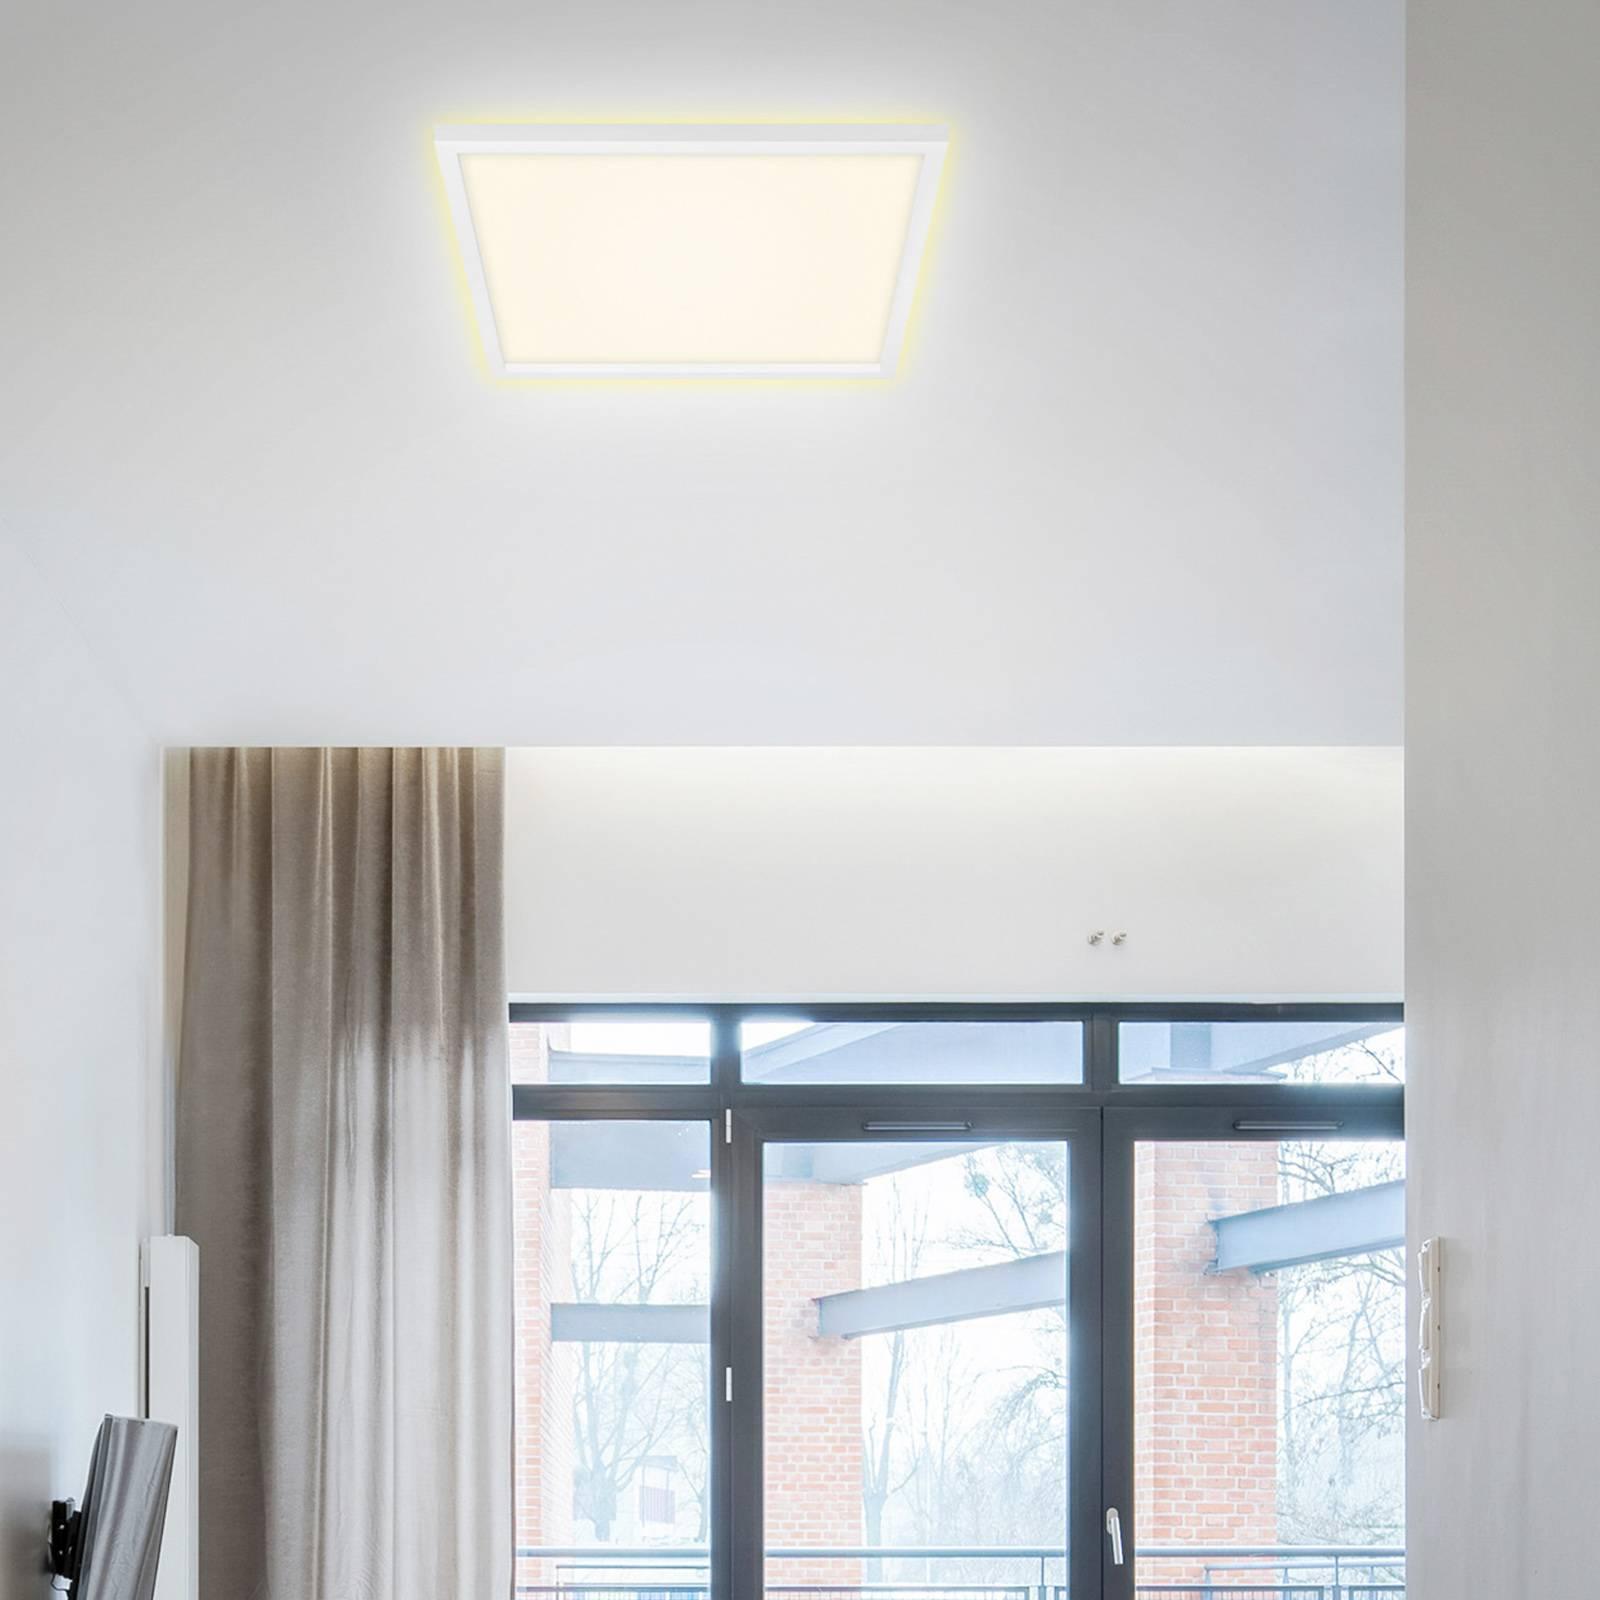 LED-kattovalaisin 7364, 42 x 42 cm, valkoinen